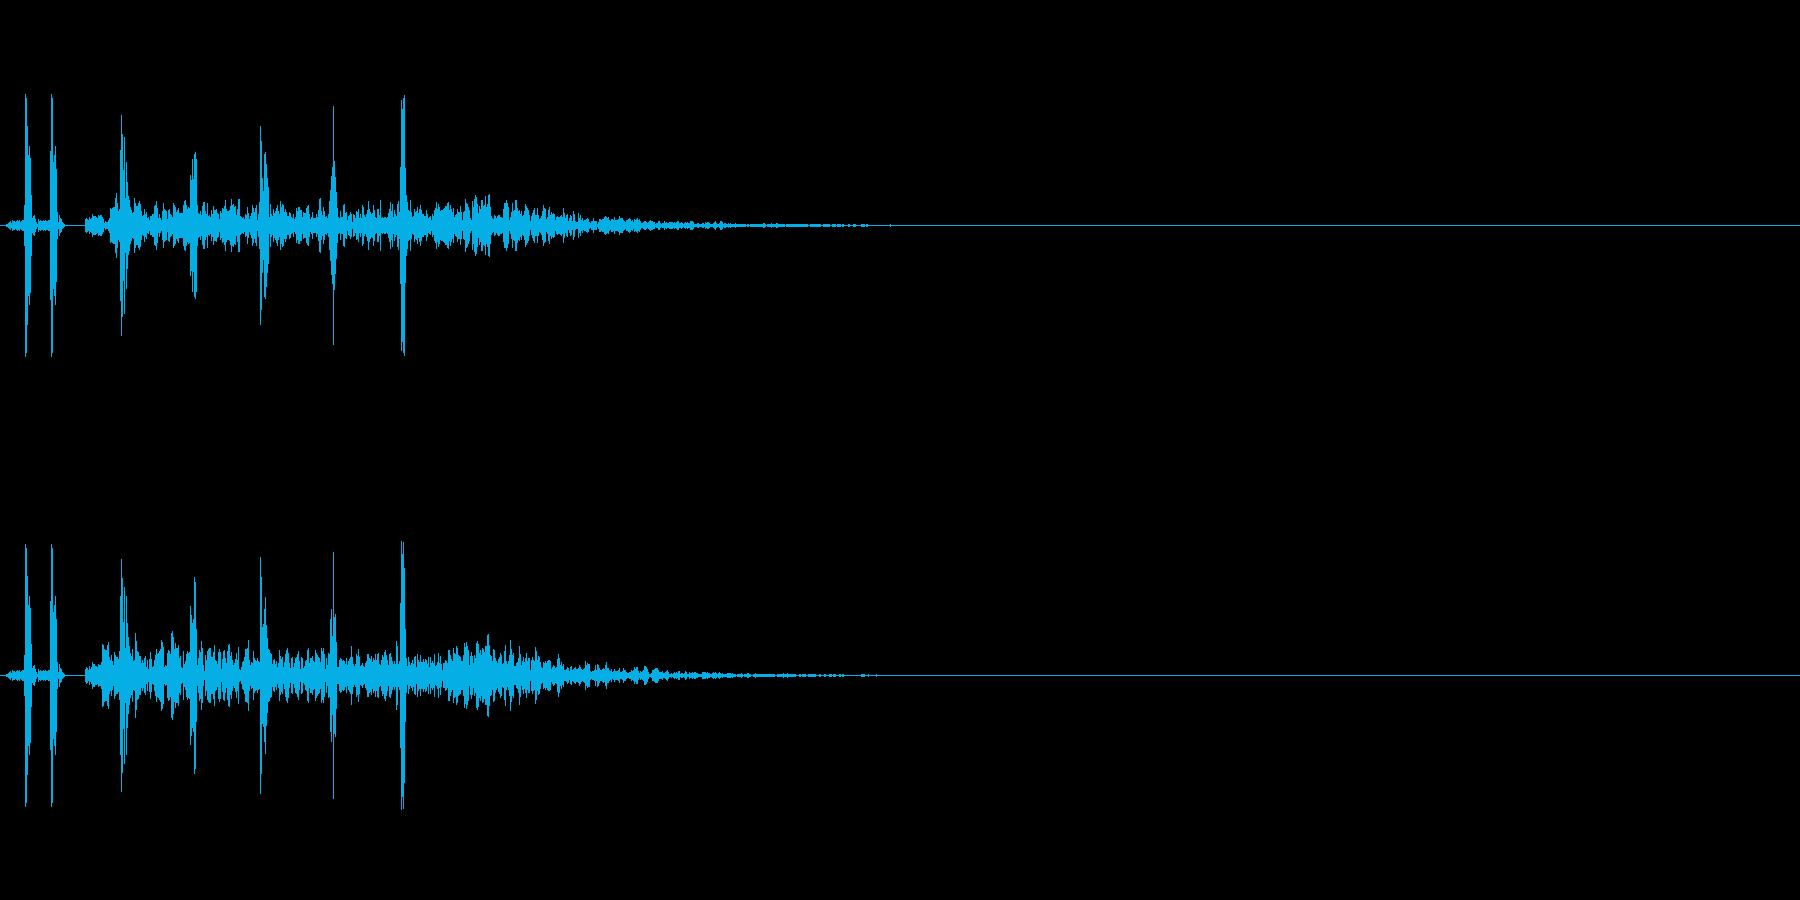 発砲音 3連射の再生済みの波形